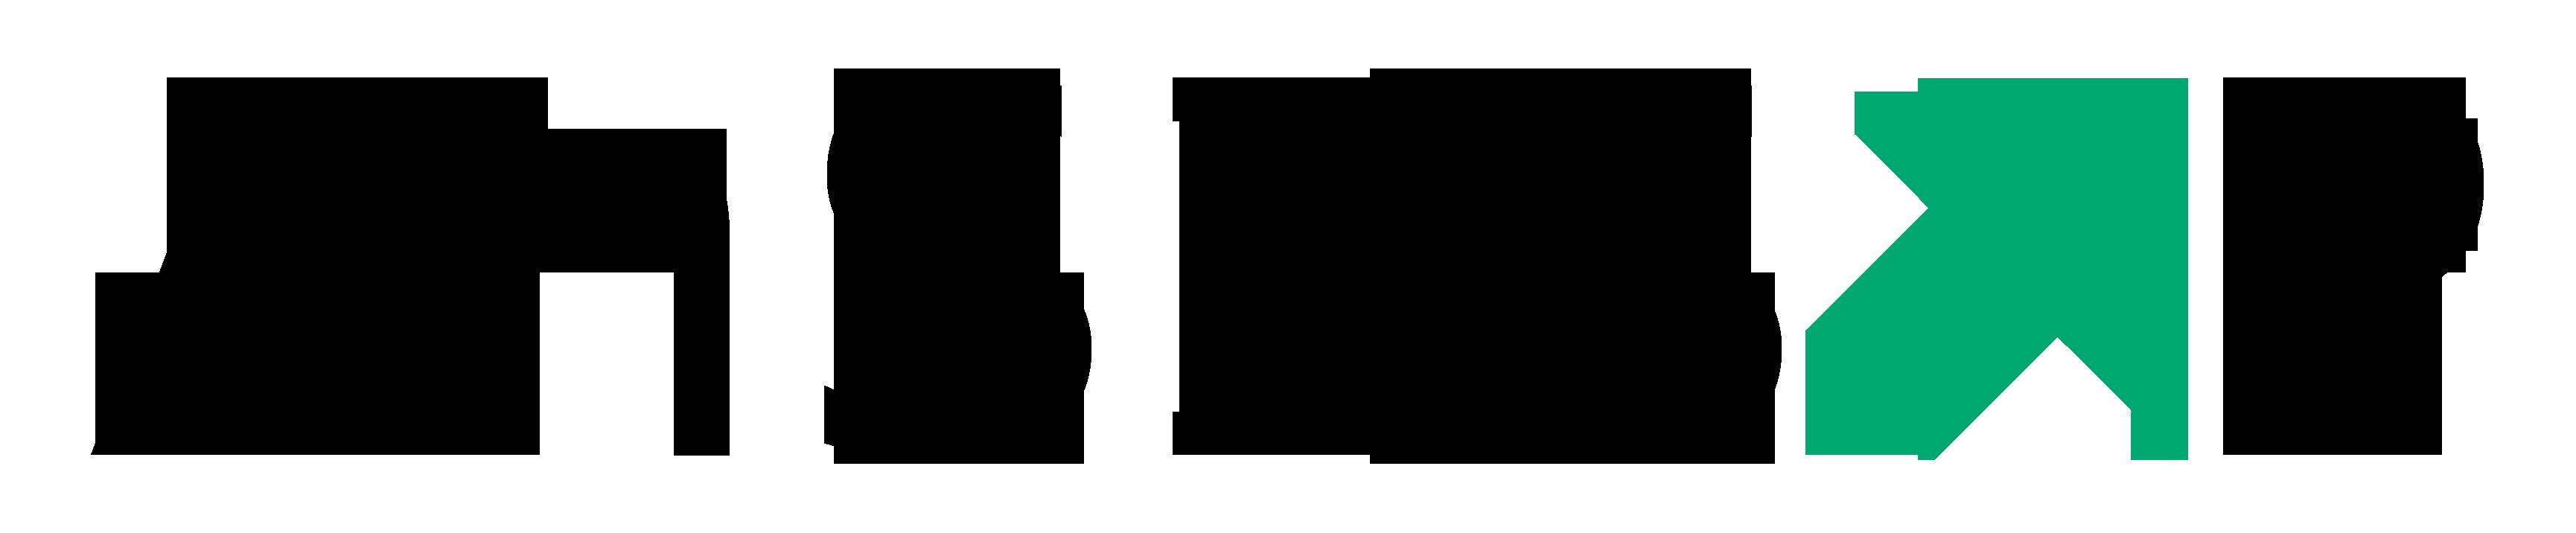 AnSISOP